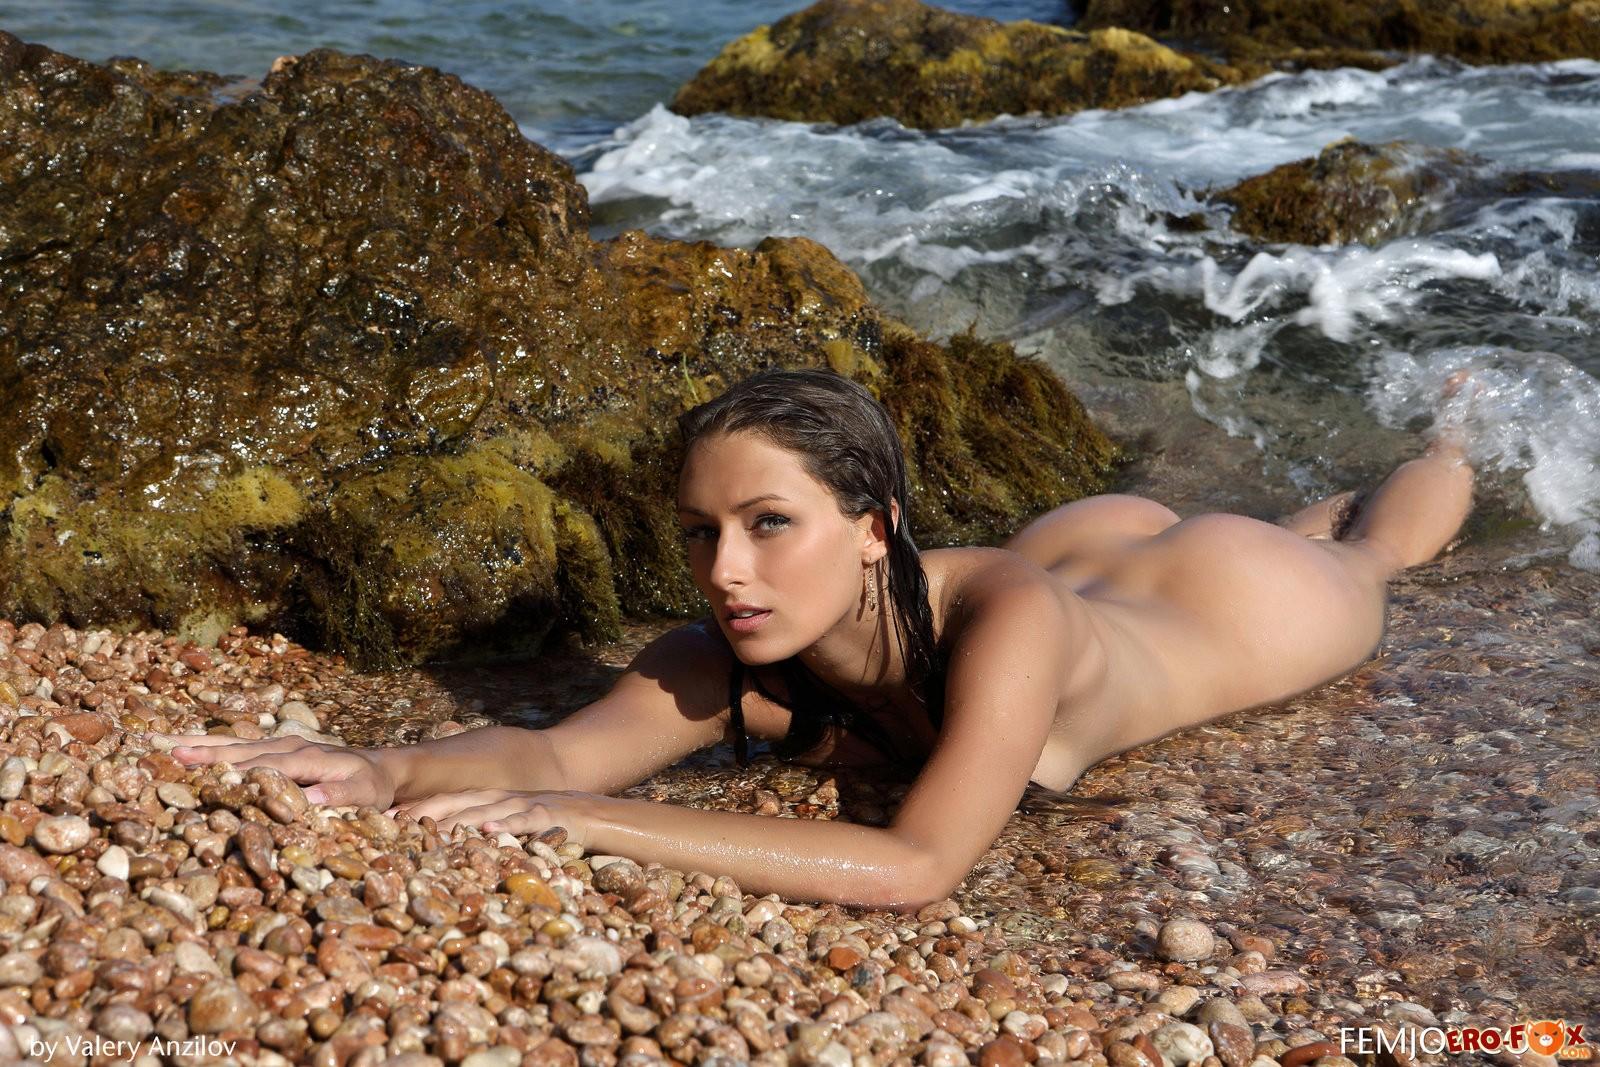 Голая женщина на диком пляже